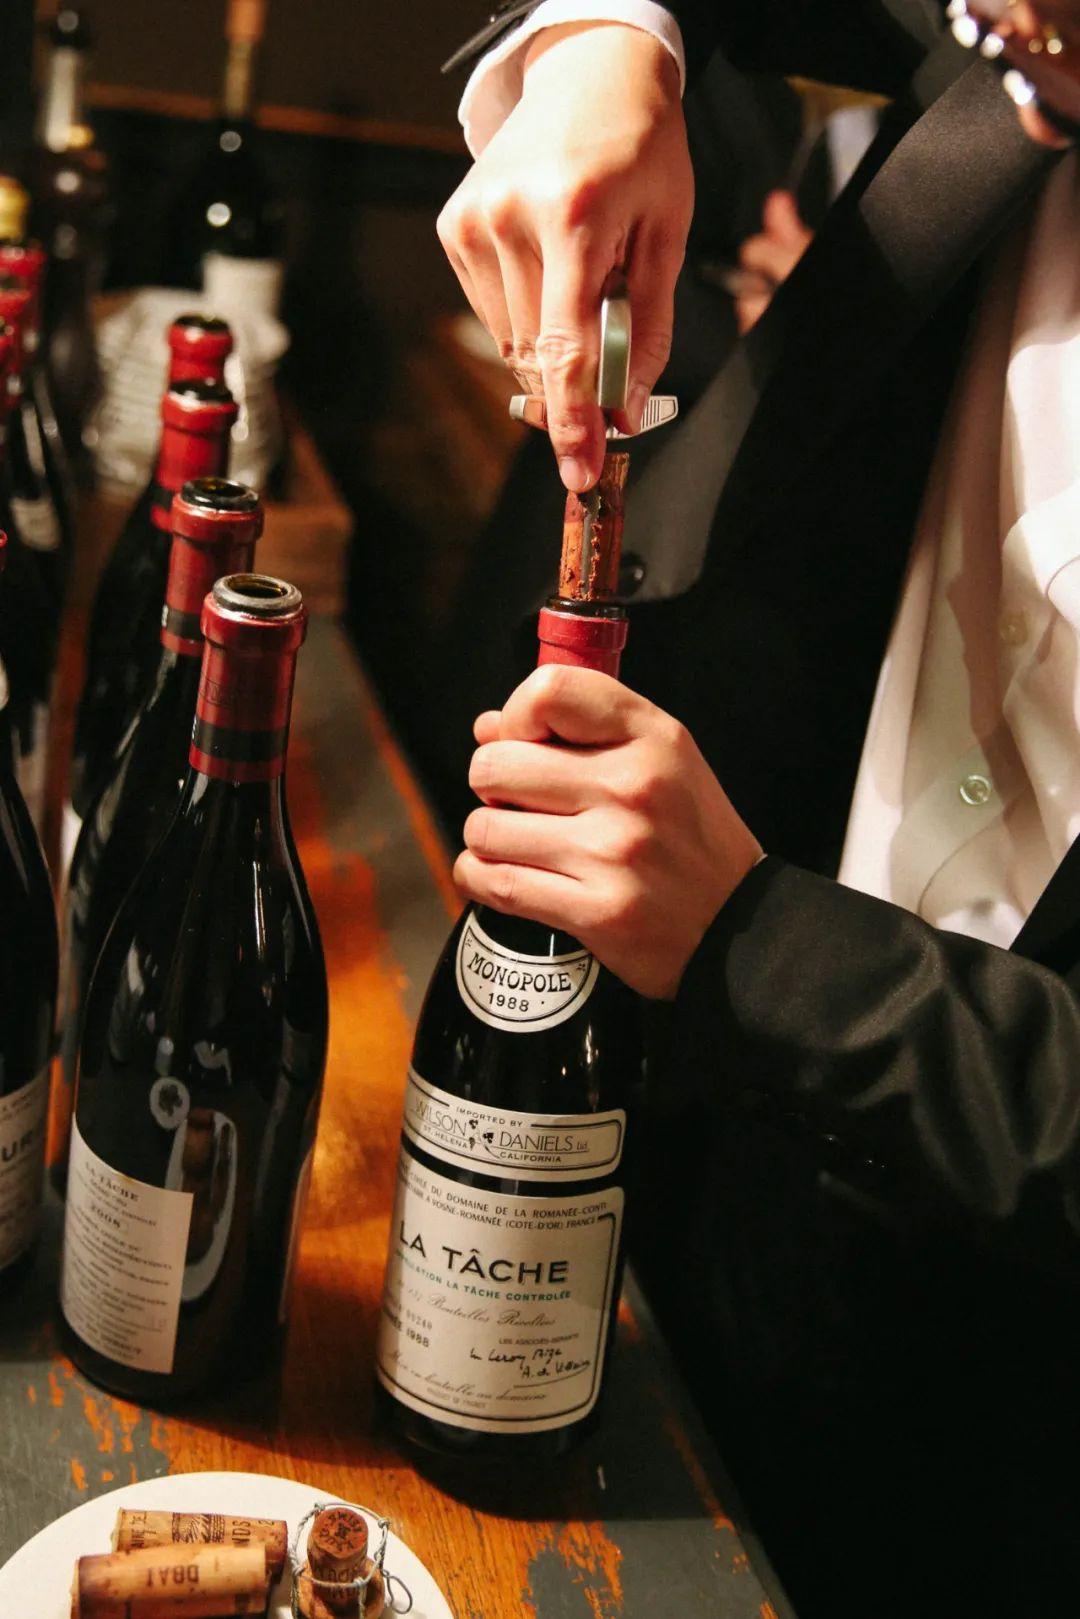 2020年知味团队最难忘的是这20支酒,每支都令人感动!